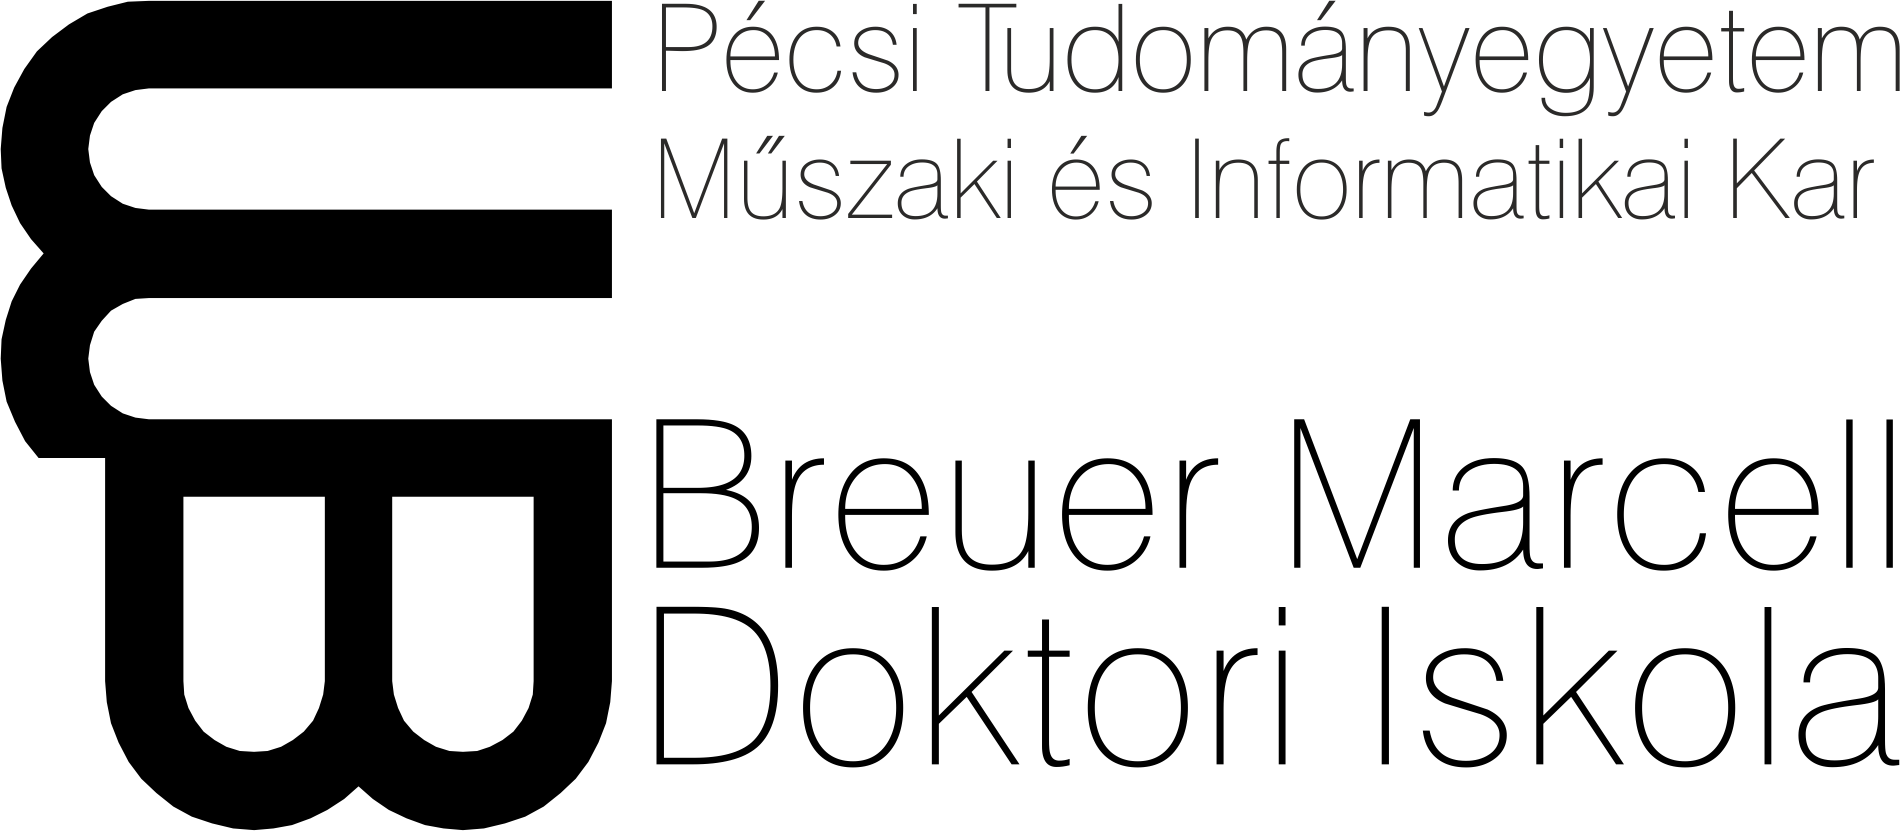 """c79025def2 2000-ben Pécs városa a késő-római, ókeresztény temető együttesének a  megtisztelő, """"Világörökség része"""" címet nyerte el, valamint Hild János  érmet kapott a ..."""